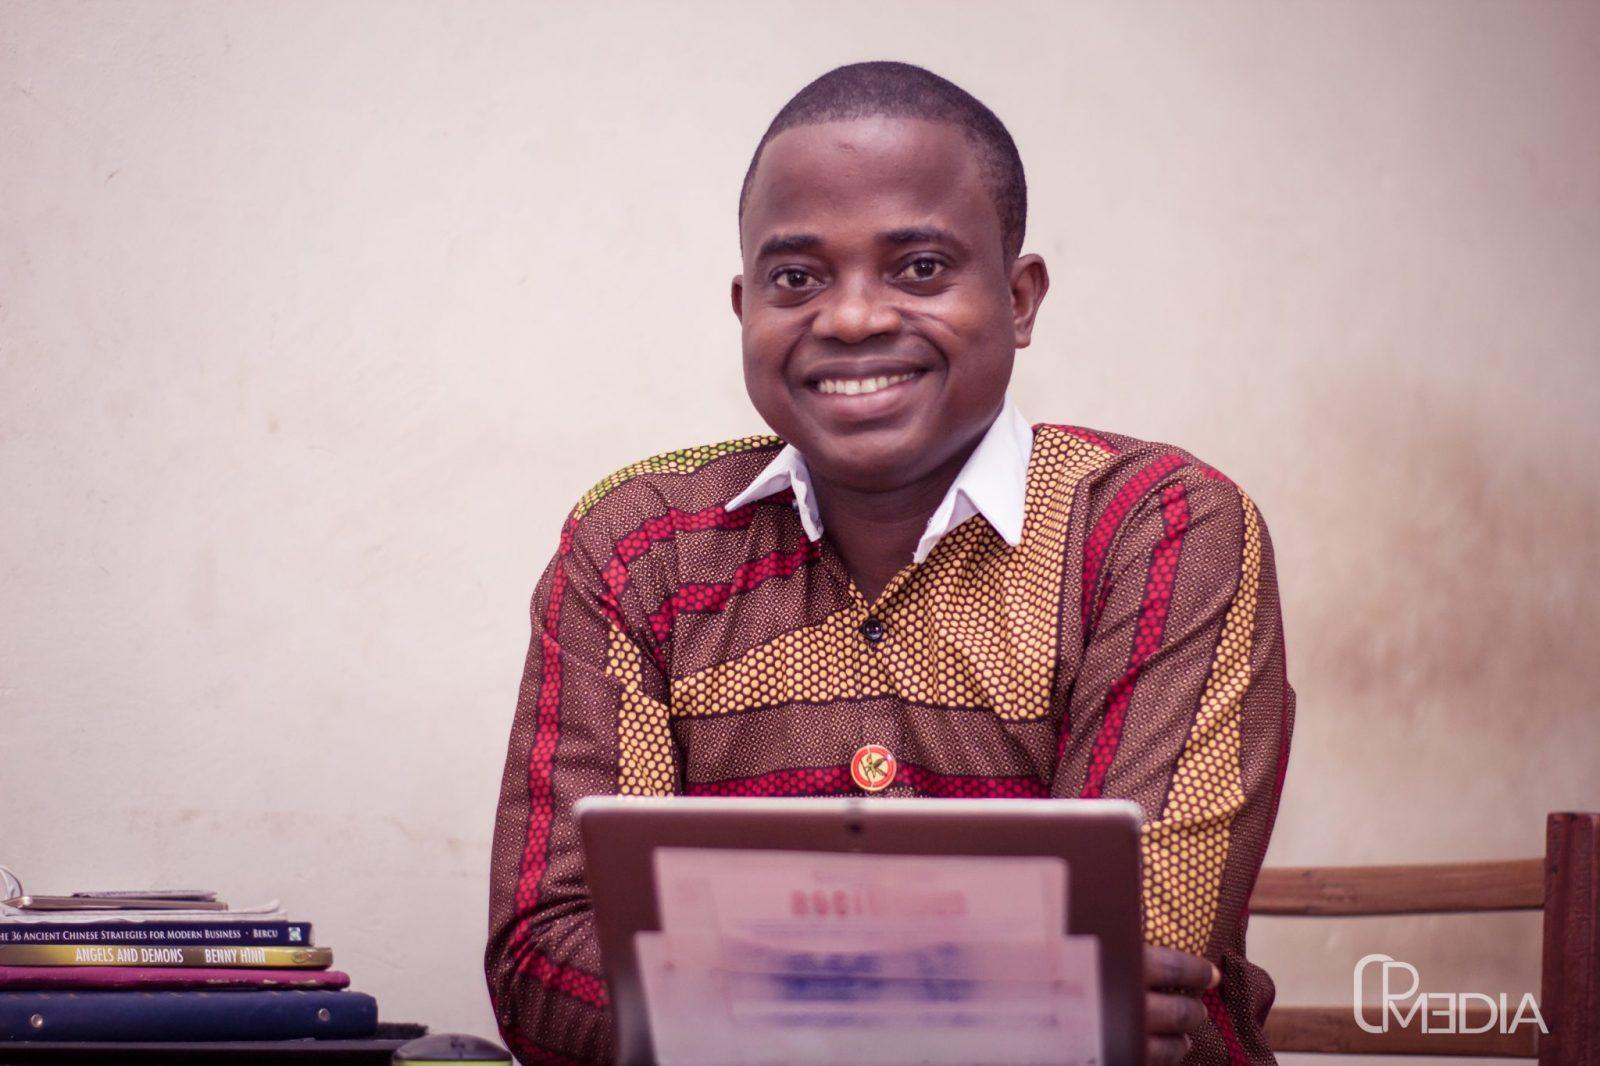 Charles Wundengba